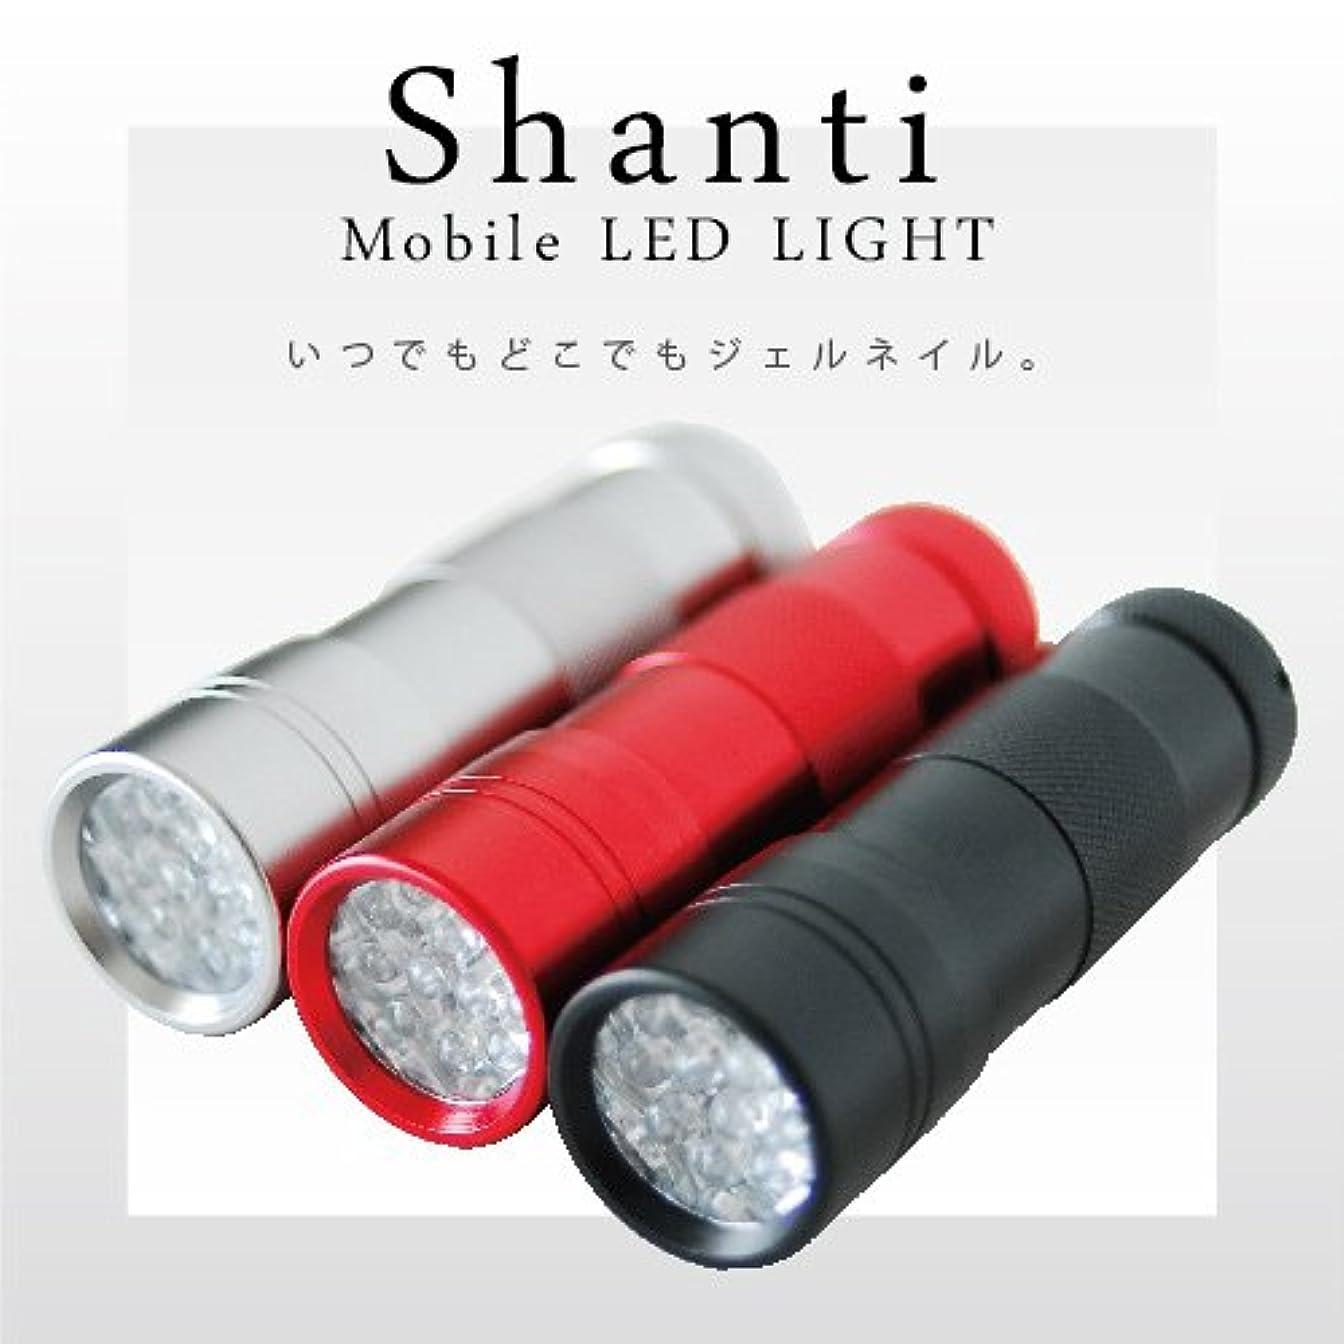 死すべき兵士社会ジェルネイル用UVライト ペン型LEDライト Shanti Mobile LED ペン型ポータブルLEDライト カラー:シルバー  携帯用ハンドライト